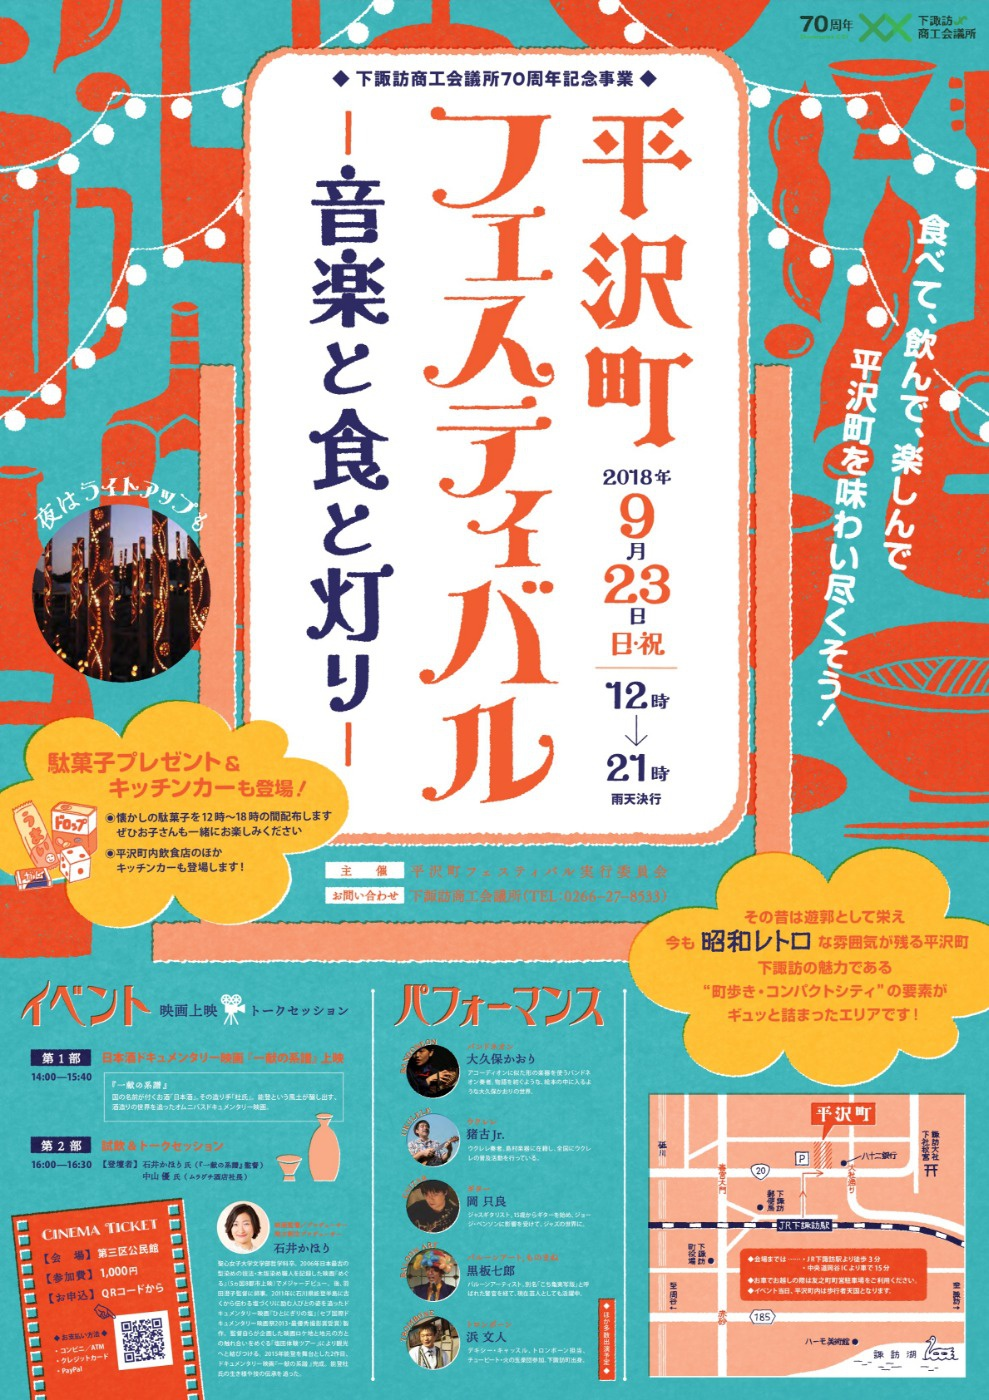 9/23平沢町フェスティバル音楽と...